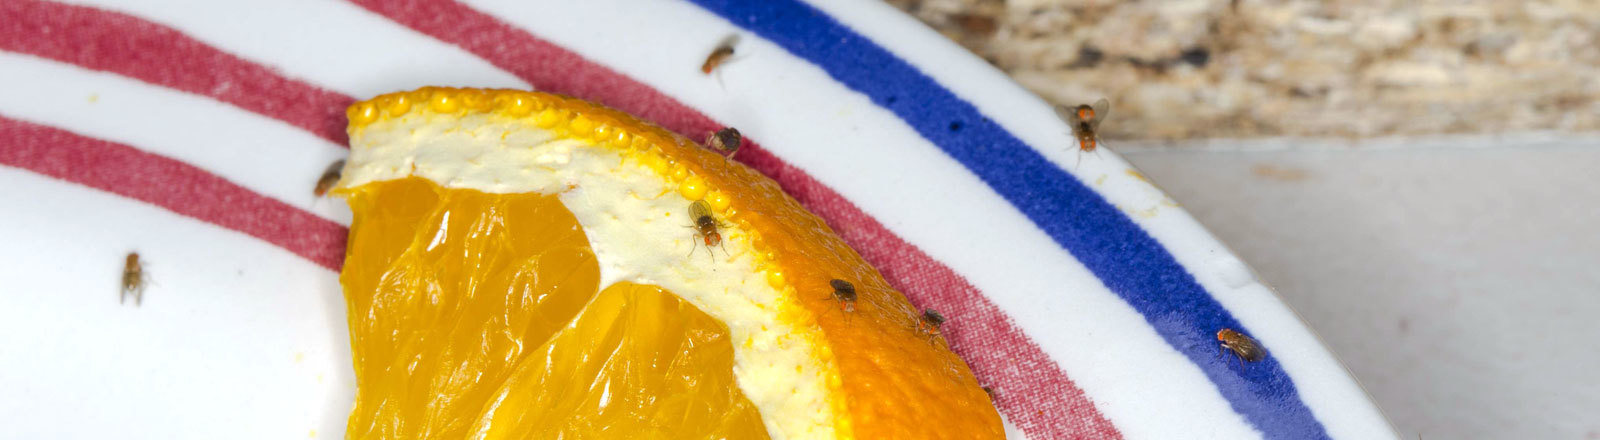 Fruchtfliege auf Orange